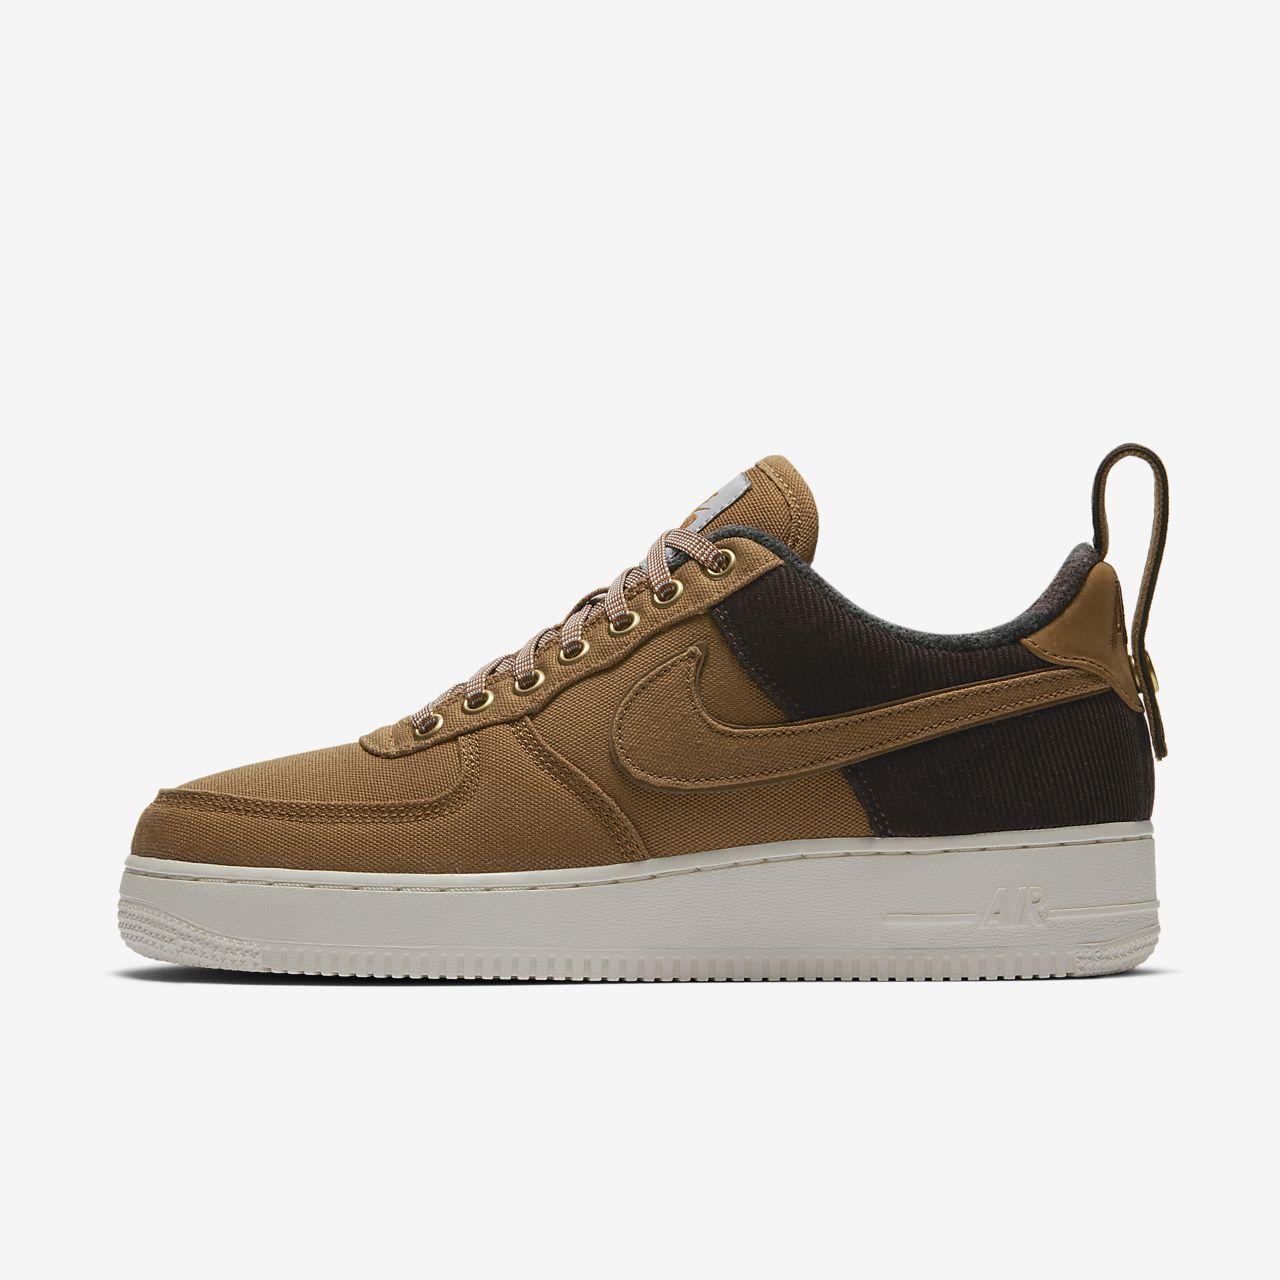 pretty nice d55e5 9a385 ... Sko Nike x Carhartt WIP Air Force 1